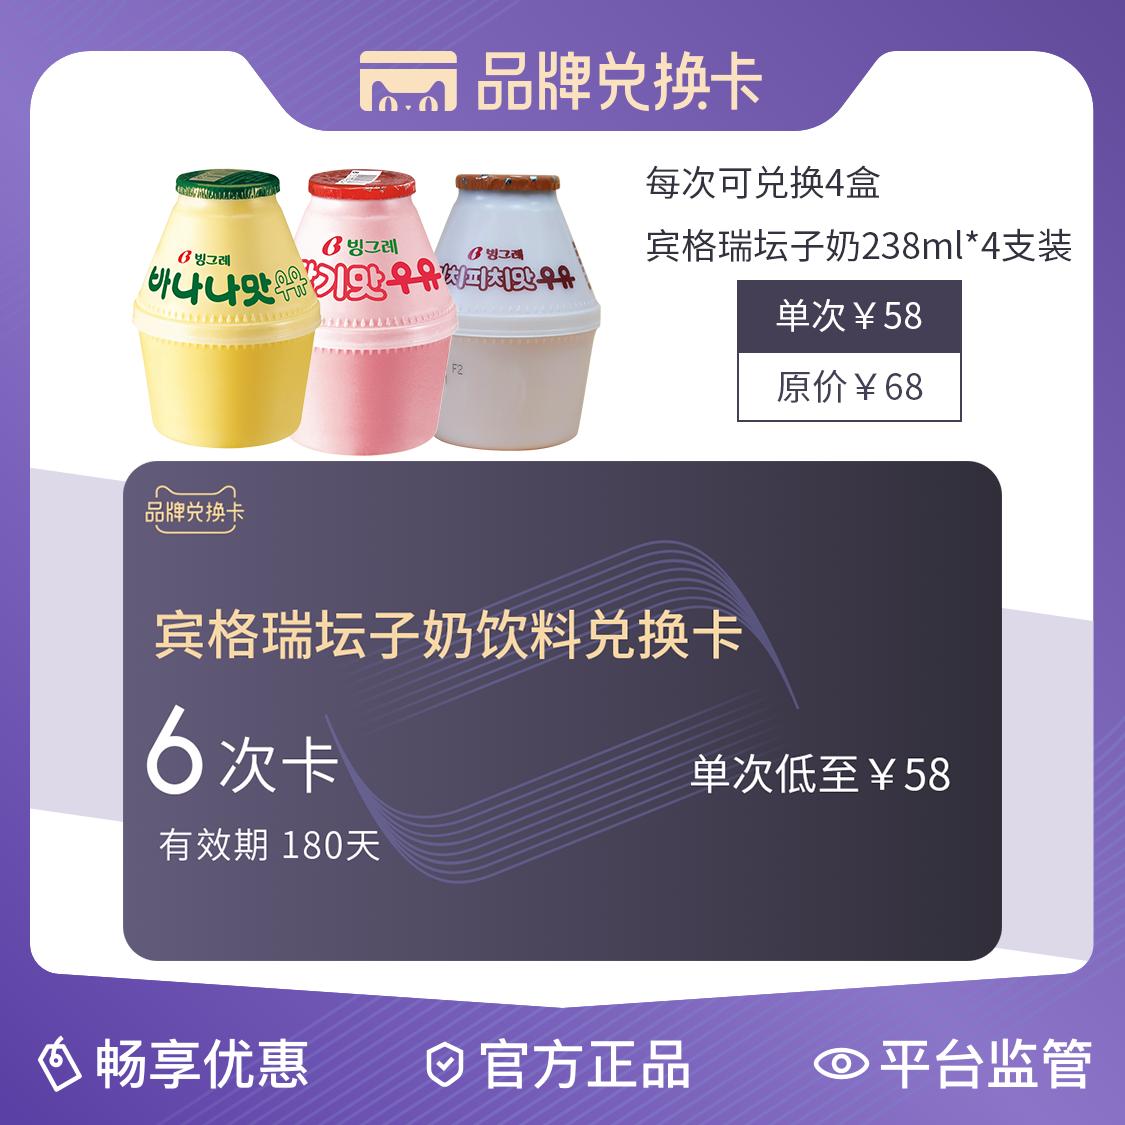 【宾格瑞】坛子奶 购物提货券品牌兑换卡180天可兑换6次